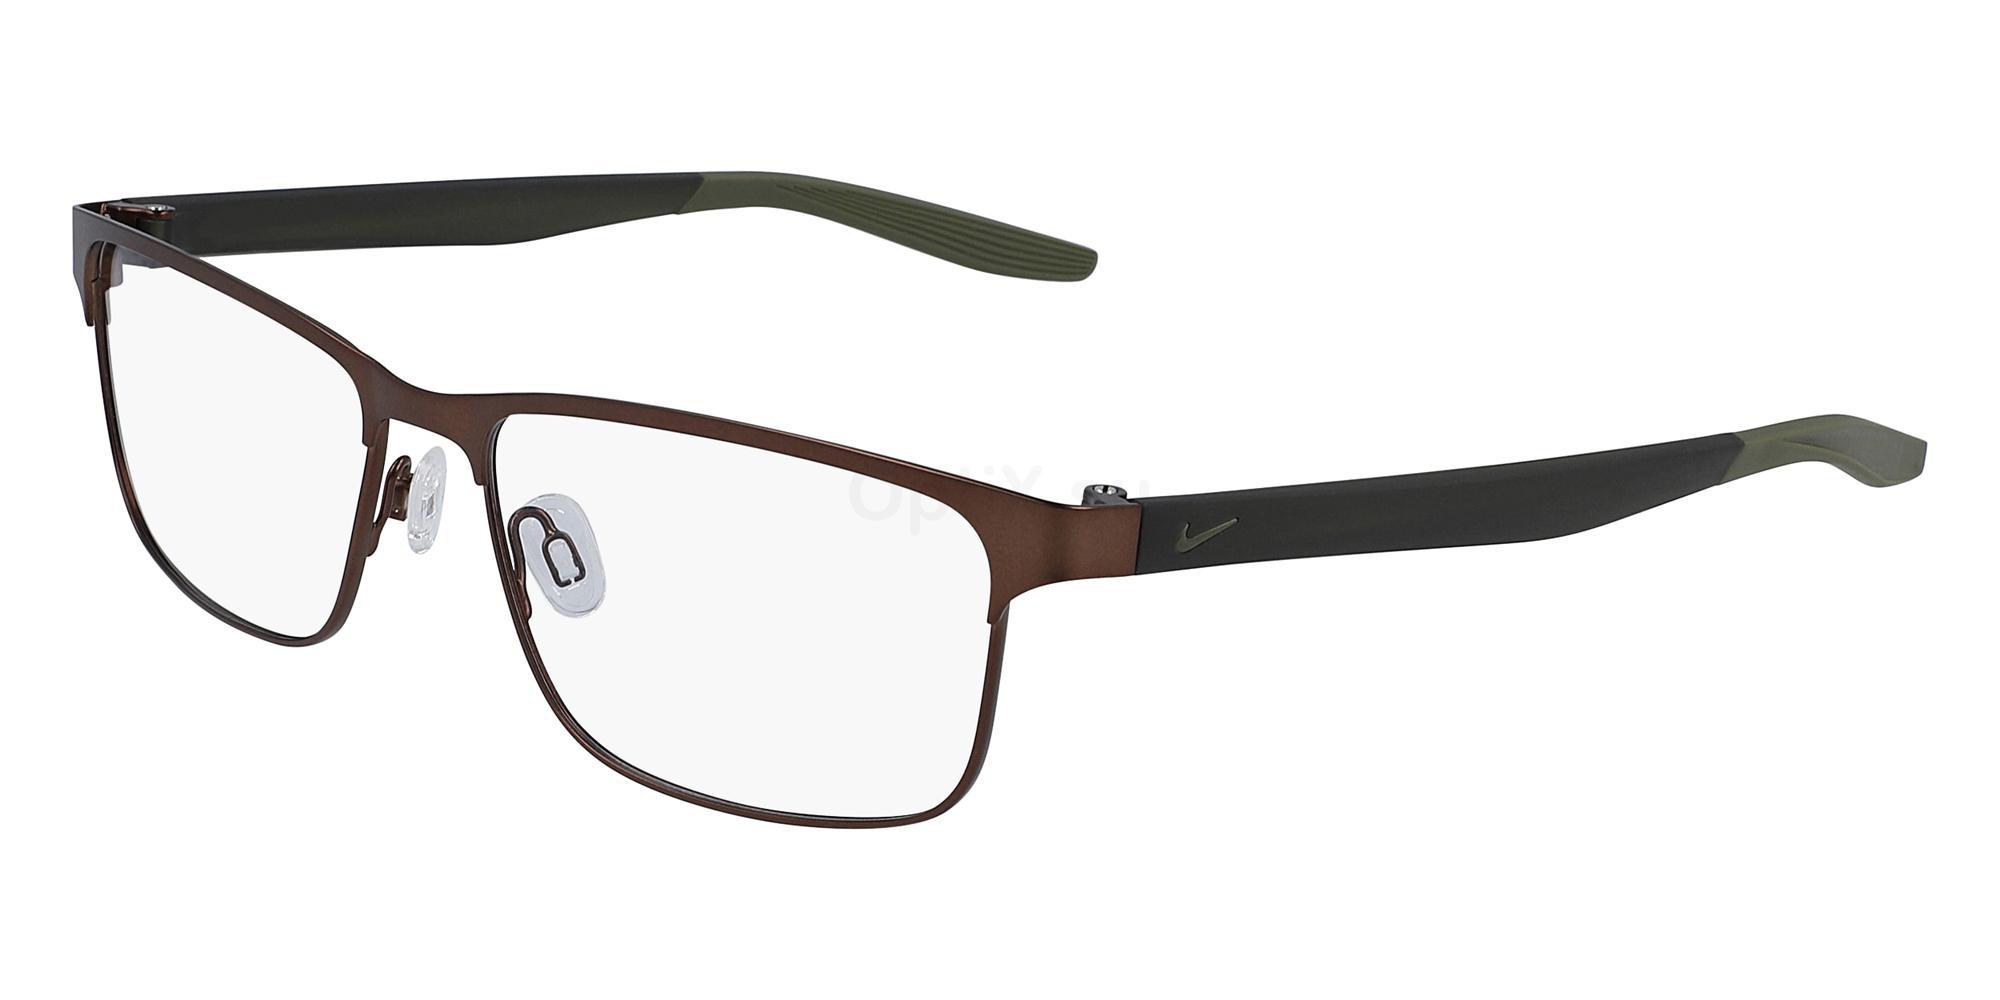 210 NIKE 8130 Glasses, Nike